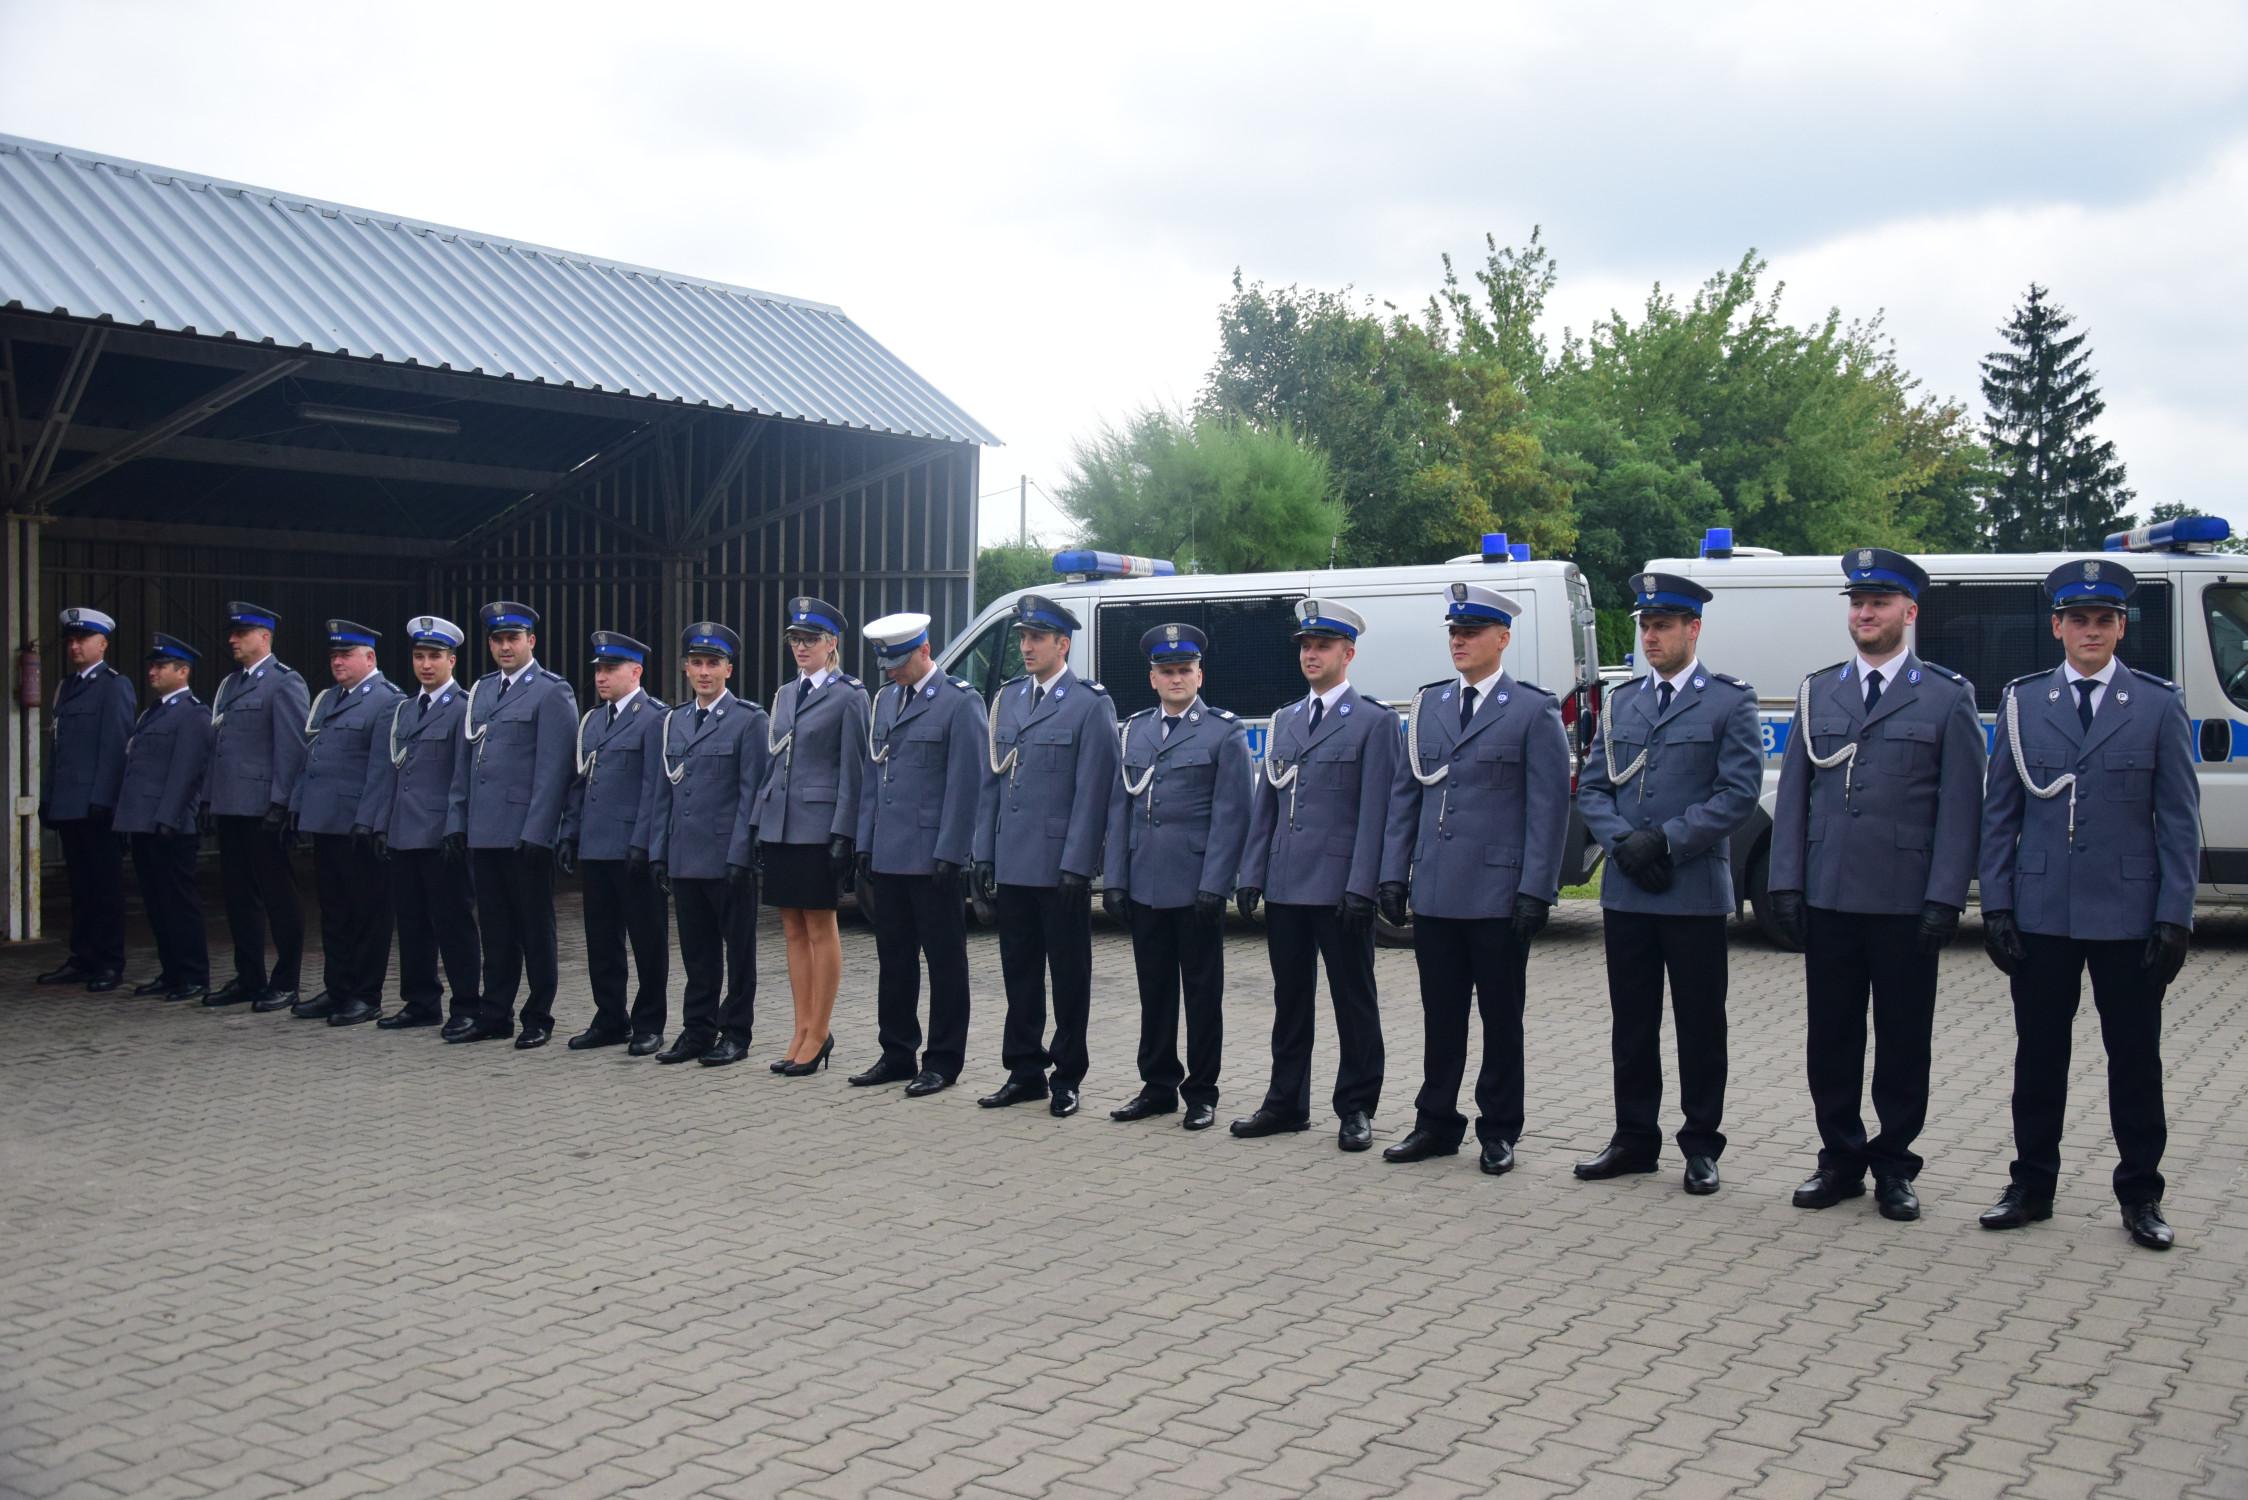 W Kolbuszowej funkcjonariusze policji otrzymali odznaczenia i awanse. Mamy zdjęcia z uroczystości [GALERIA ZDJĘĆ] - Zdjęcie główne